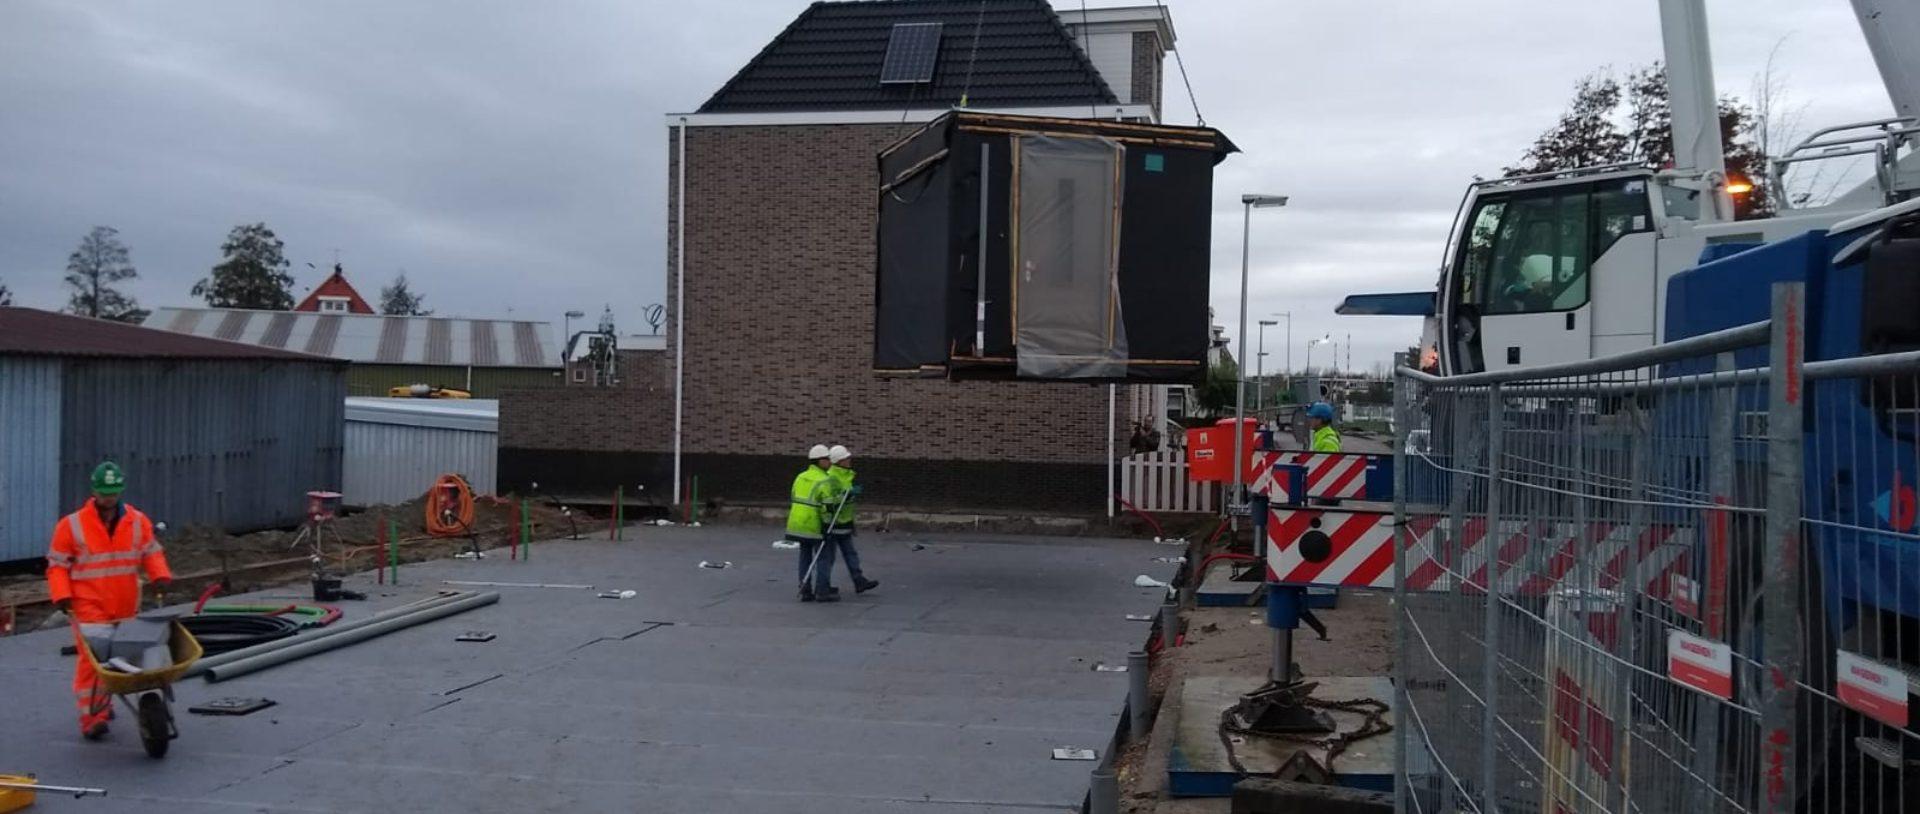 Nieuws Eerste woningen geplaatst aan kanaaldijk in purmerend wonen woning